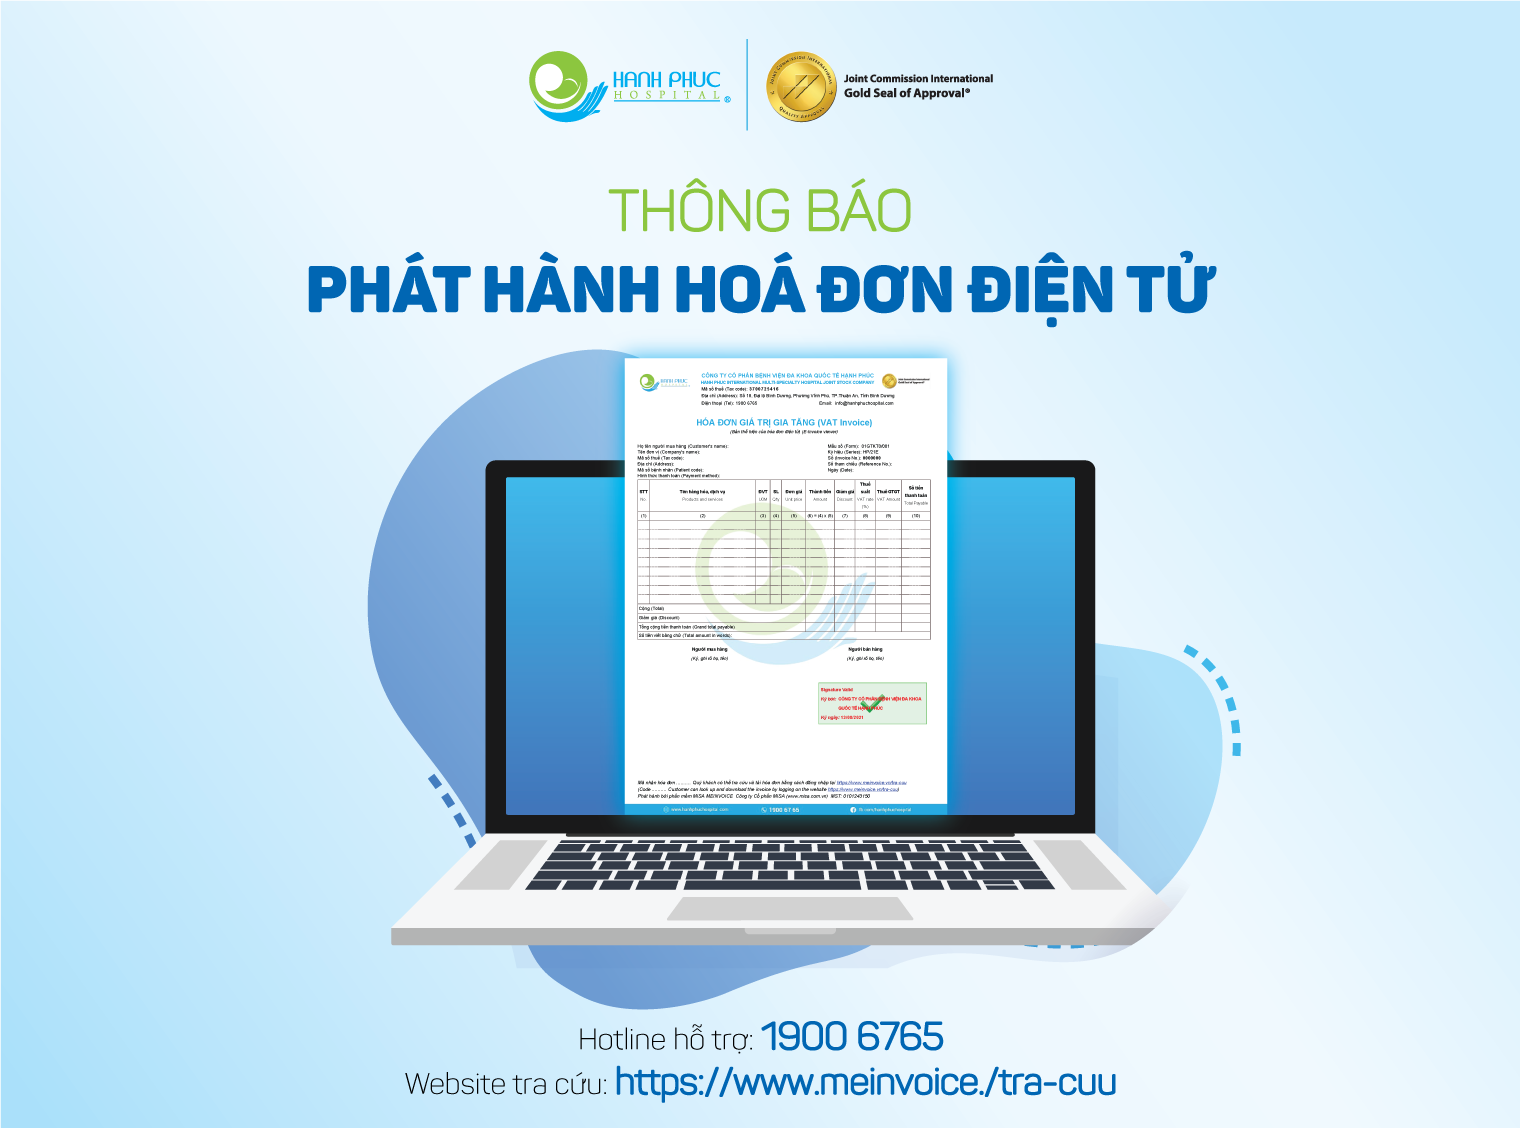 [THÔNG BÁO] BVQT Hạnh Phúc phát hành Hoá đơn điện tử từ ngày 01/09/2021